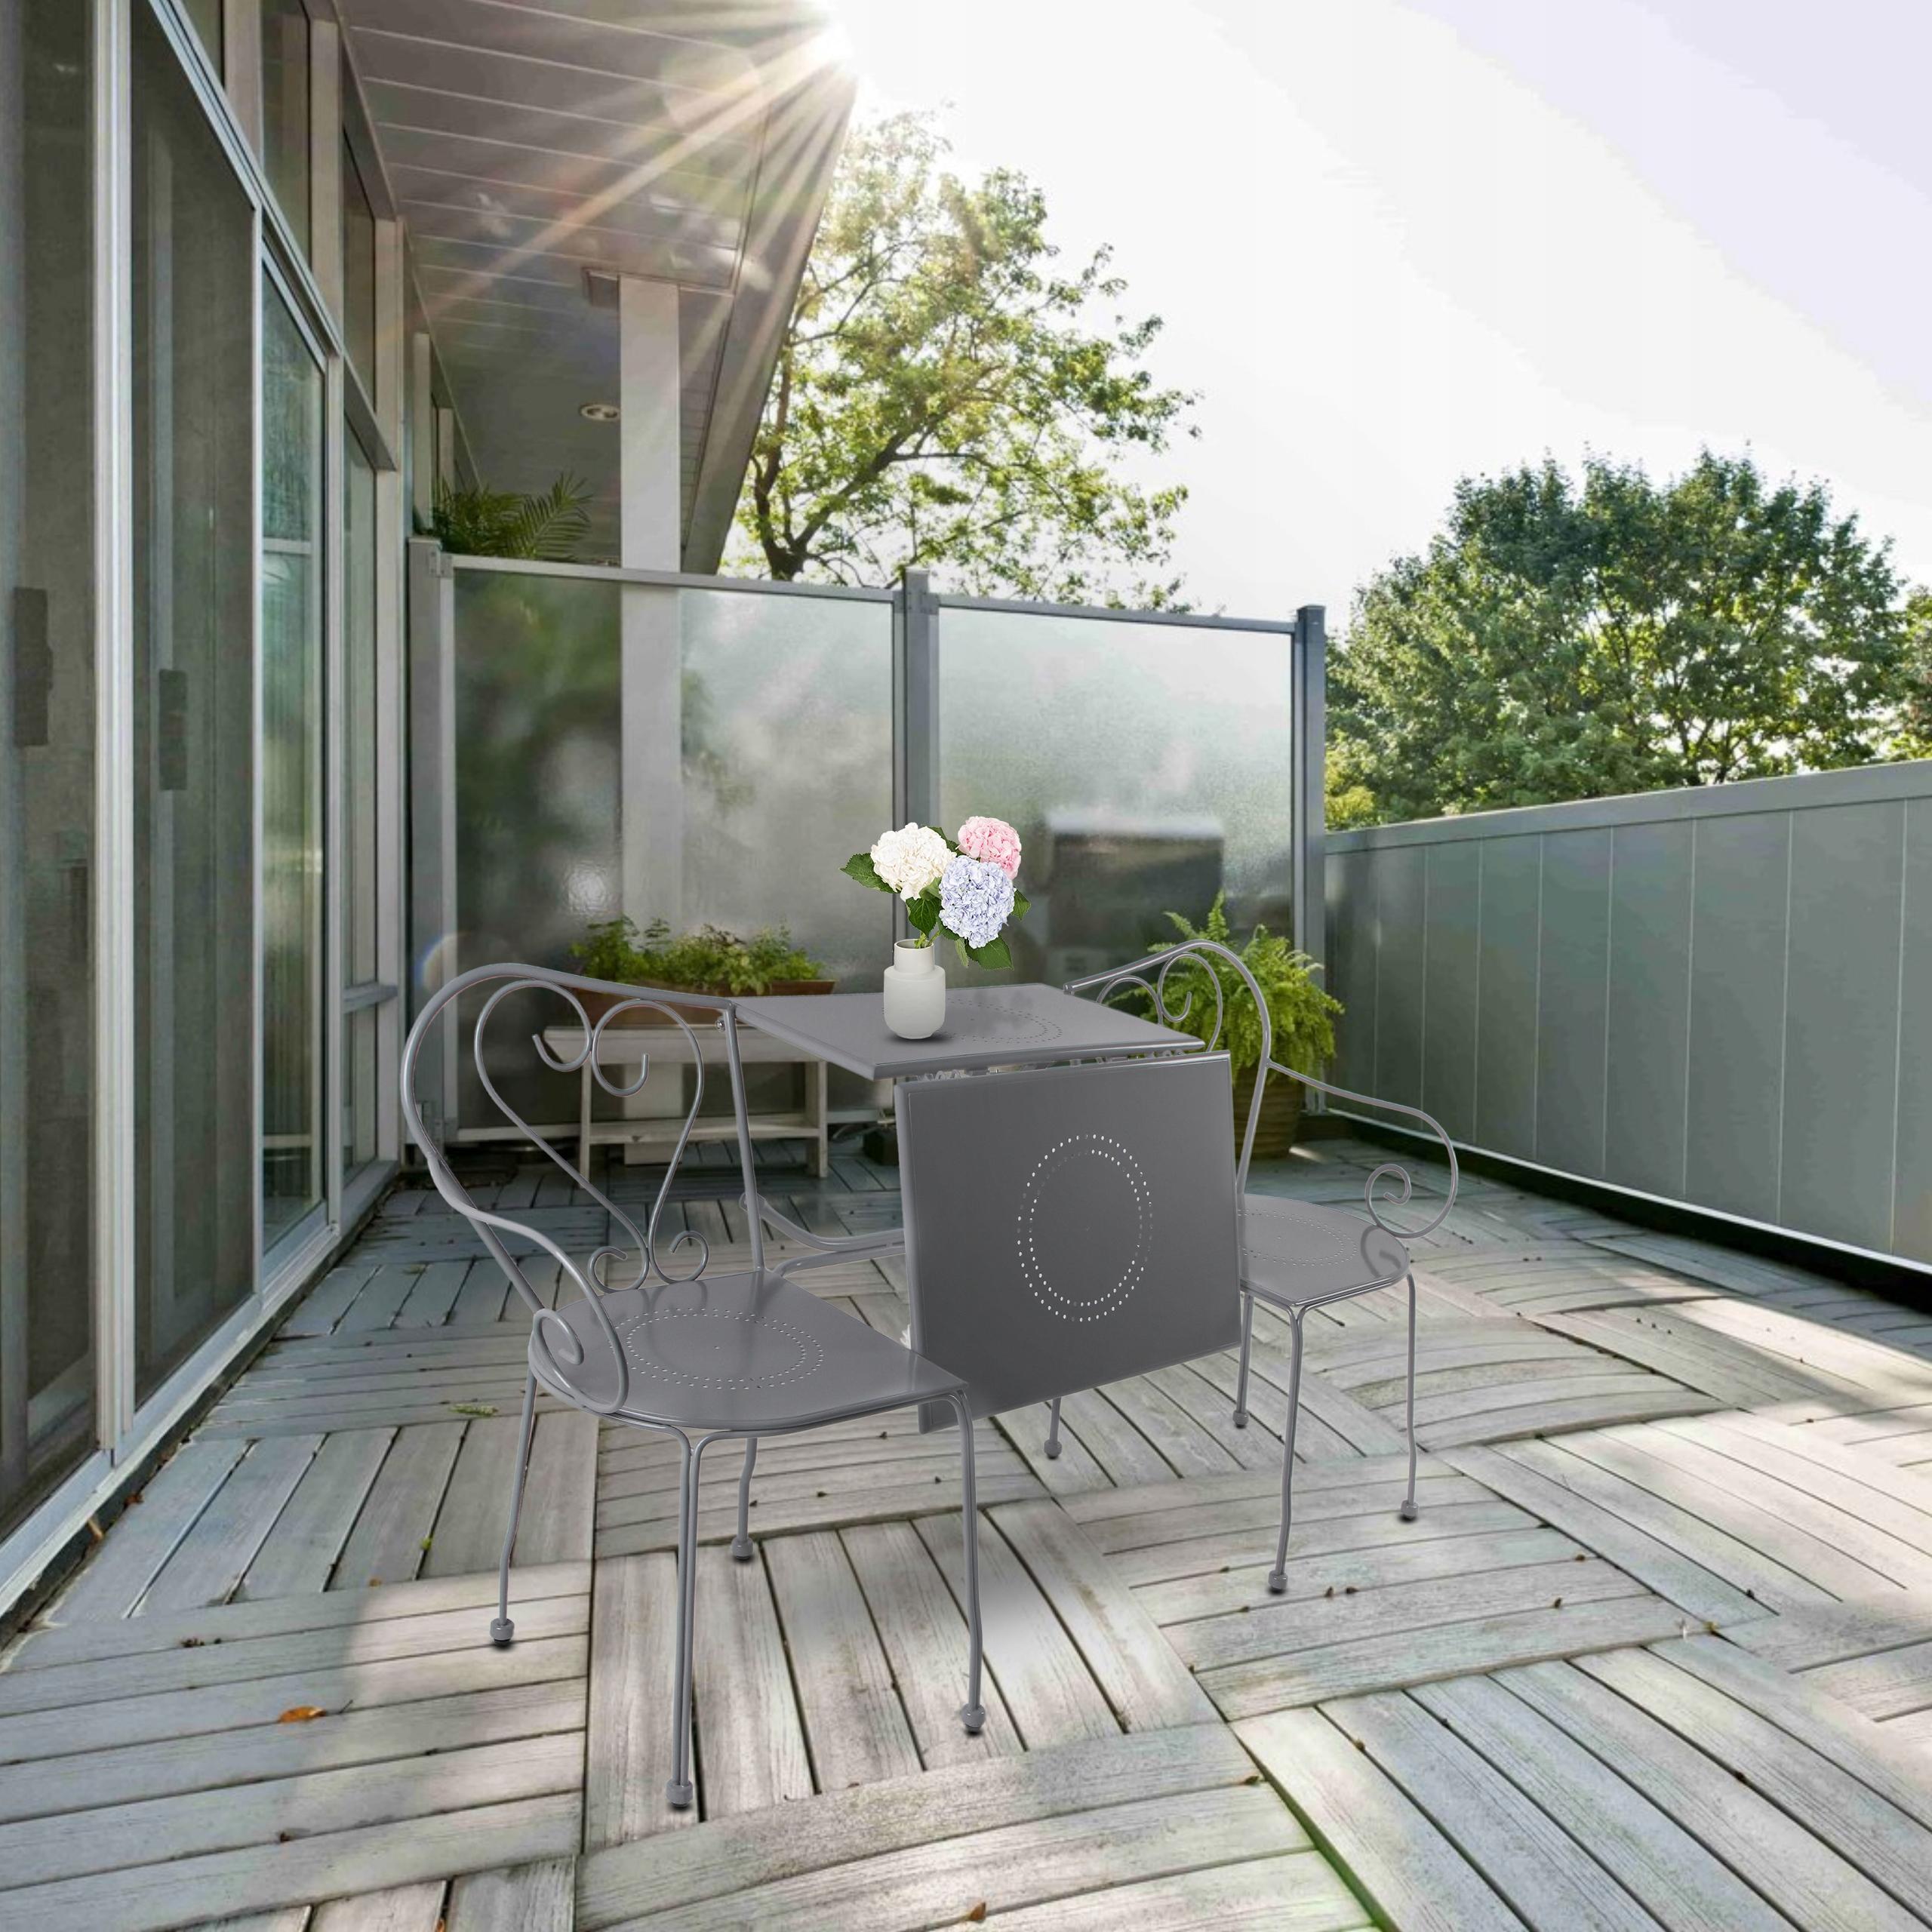 Sada záhradného nábytku Stolné stoličky 3v1 Dominantným materiálom je kov